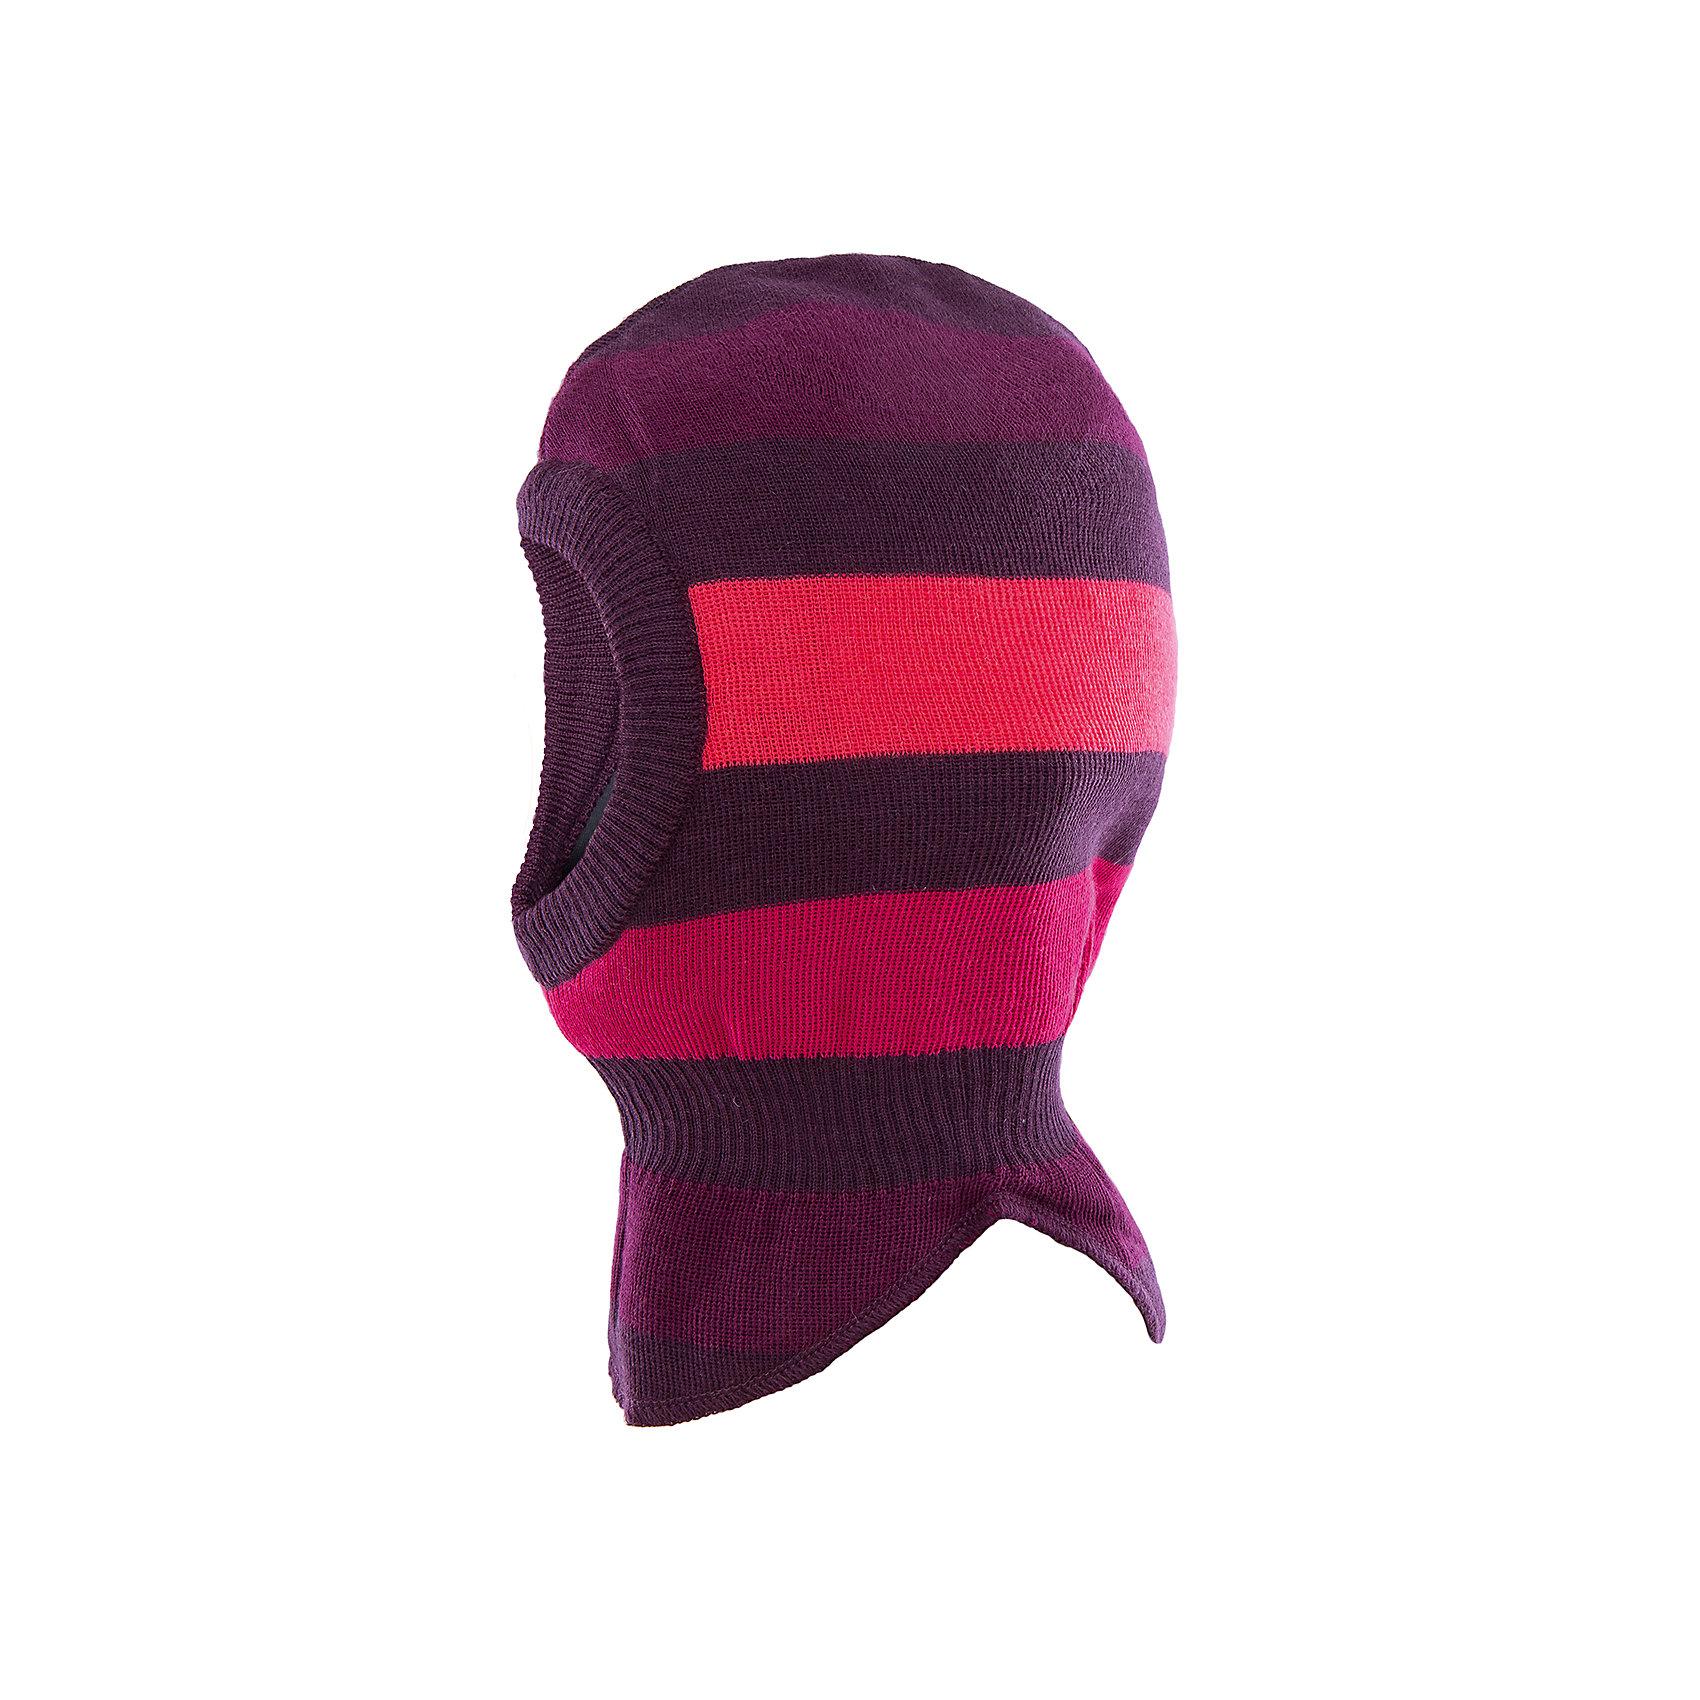 Шапка LASSIEШапка-шлем для малышей известной финской марки.<br><br>- Мягкая и теплая ткань из смеси шерсти.<br>- Ветронепроницаемые вставки в области ушей. <br>- Мягкая подкладка из хлопка и эластана. <br>- Легкая степень утепления. <br>- Спортивные полоски. <br>- Светоотражающая эмблема Lassie®. <br><br>Рекомендации по уходу: Придать первоначальную форму вo влажном виде. Возможна усадка 5 %.<br><br>Состав: 50% Шерсть, 50% полиакрил.  Утеплитель «Lassie wadding» 40гр.<br><br>Ширина мм: 89<br>Глубина мм: 117<br>Высота мм: 44<br>Вес г: 155<br>Цвет: фиолетовый<br>Возраст от месяцев: 36<br>Возраст до месяцев: 60<br>Пол: Женский<br>Возраст: Детский<br>Размер: 50-52,44-46,46-48<br>SKU: 4781109